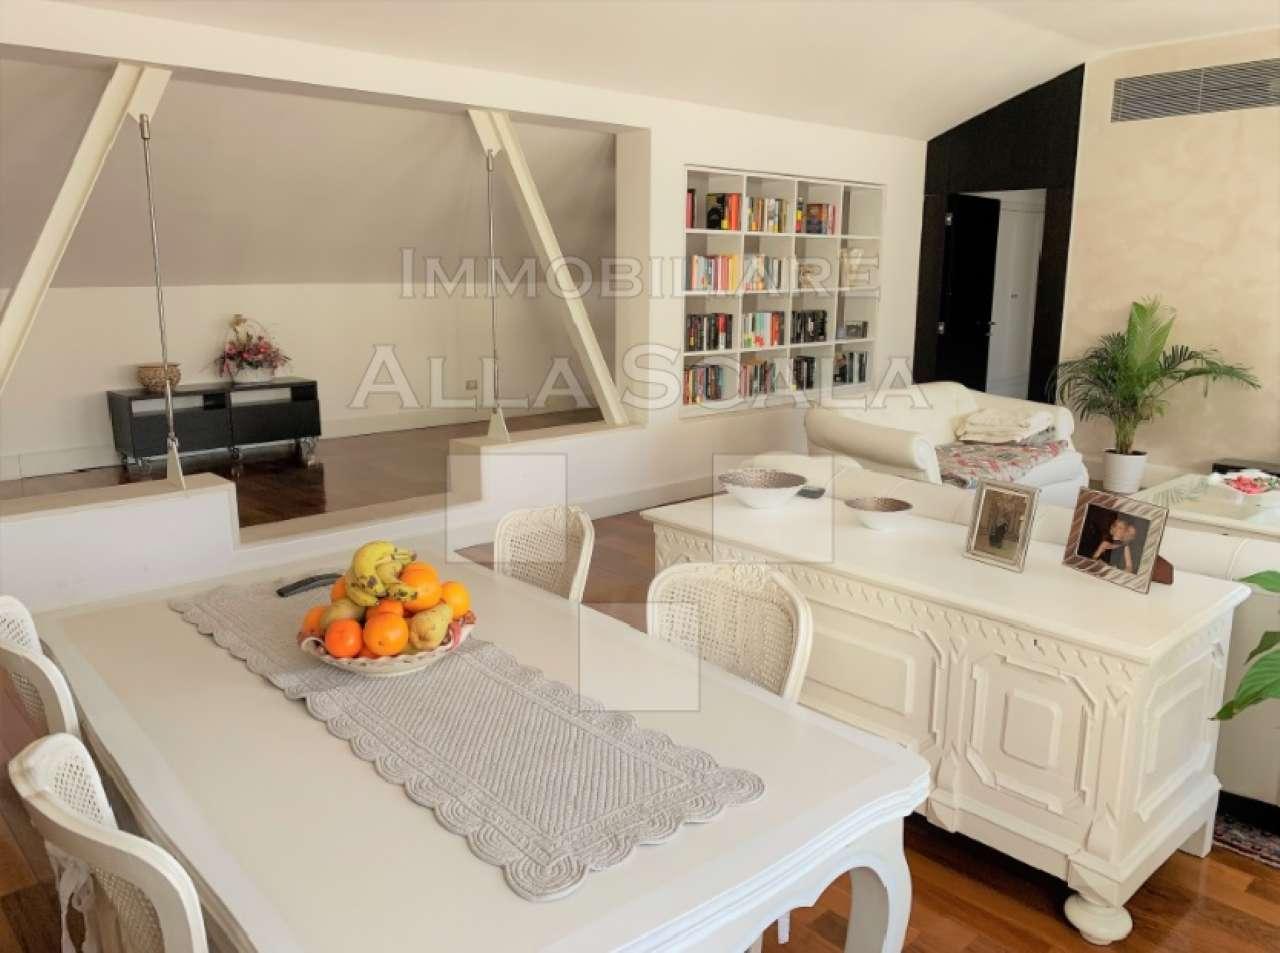 Appartamento in affitto a milano piazza borromeo for Appartamento design affitto milano